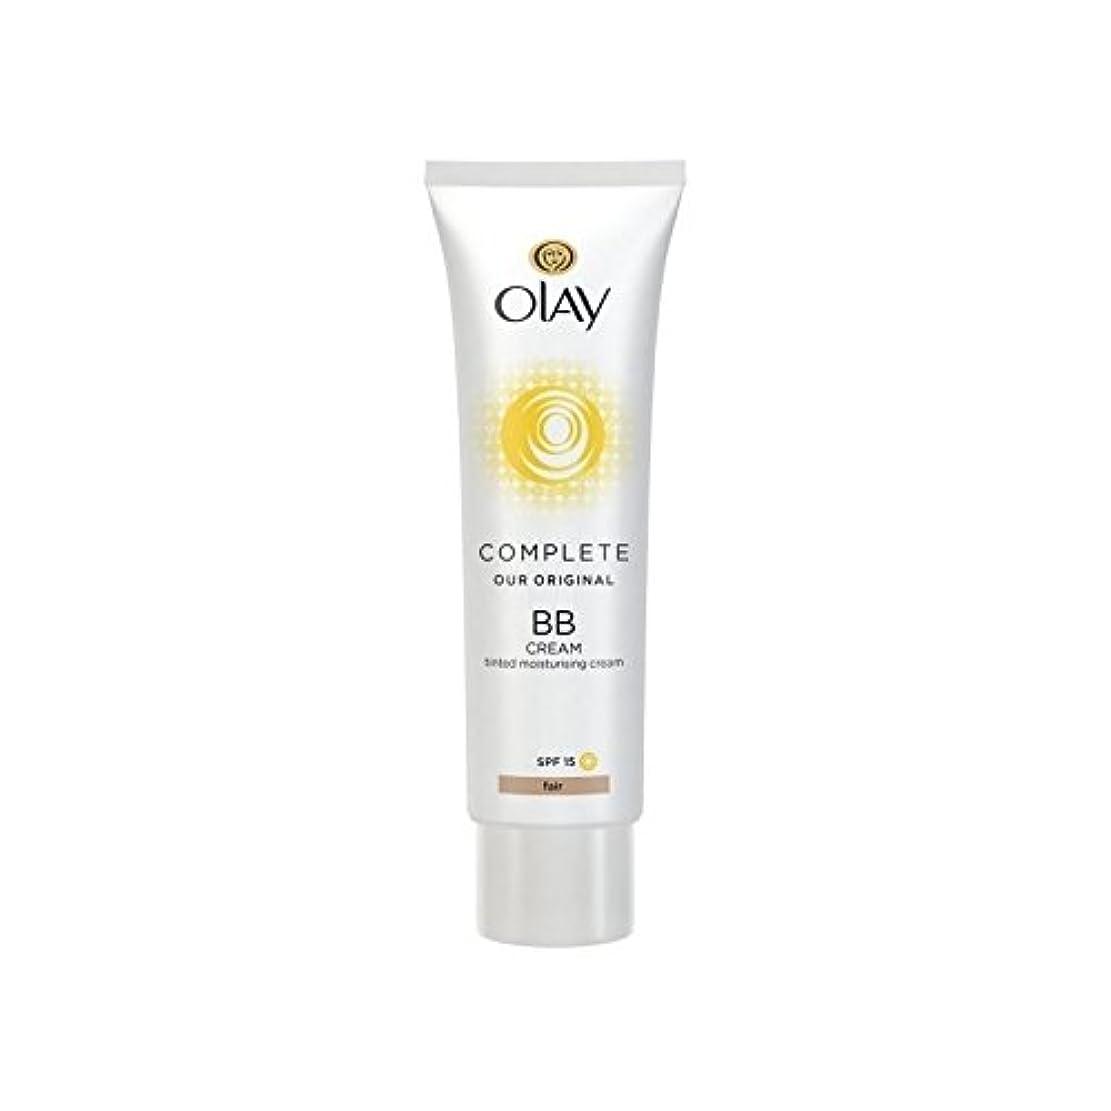 国民投票泥乳オーレイ完全なクリーム15フェアの50ミリリットル x4 - Olay Complete BB Cream Fair SPF15 50ml (Pack of 4) [並行輸入品]